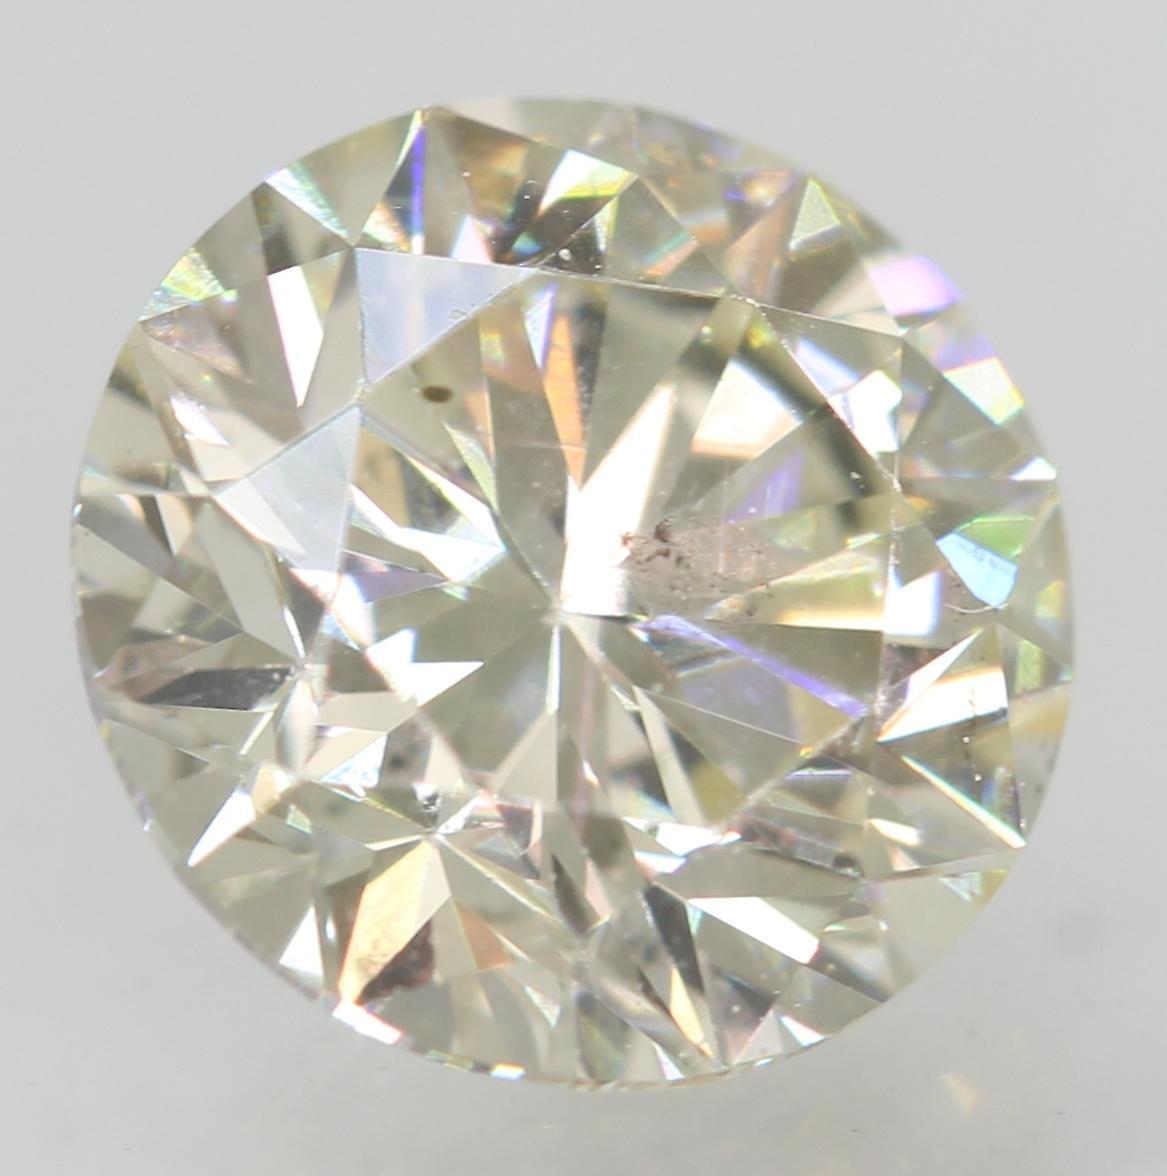 Certified 1.11 Carat I VS1 Round Brilliant Enhanced Natural Diamond 6.58m EX CUT